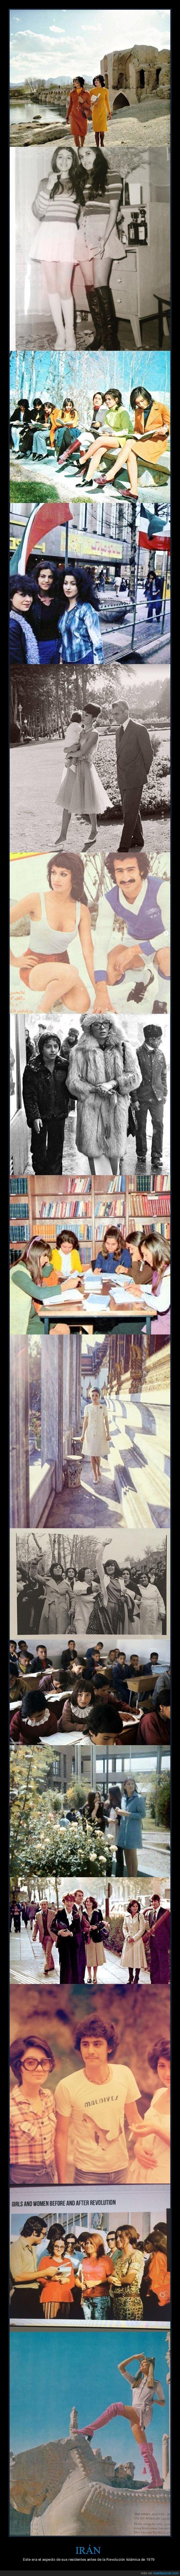 1979,antes,irán,revolución islámica